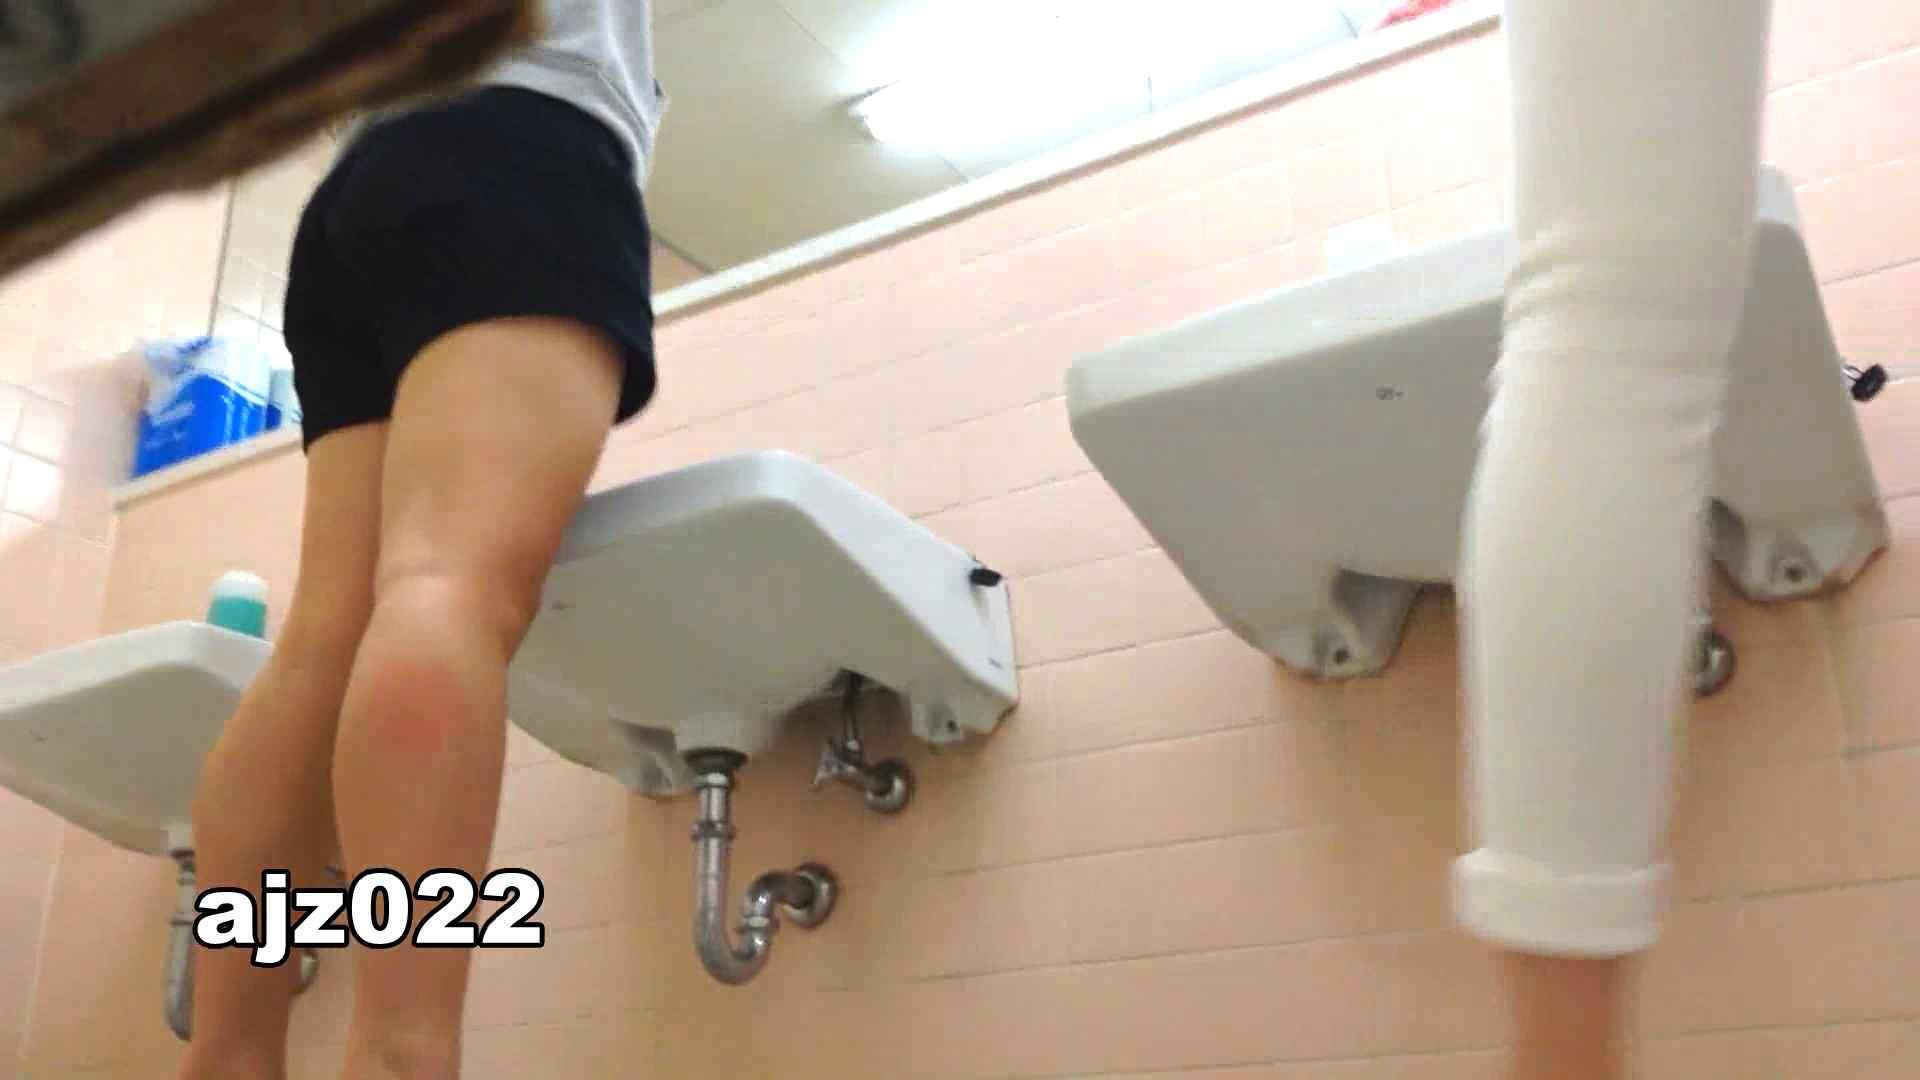 某有名大学女性洗面所 vol.22 排泄  78PIX 29